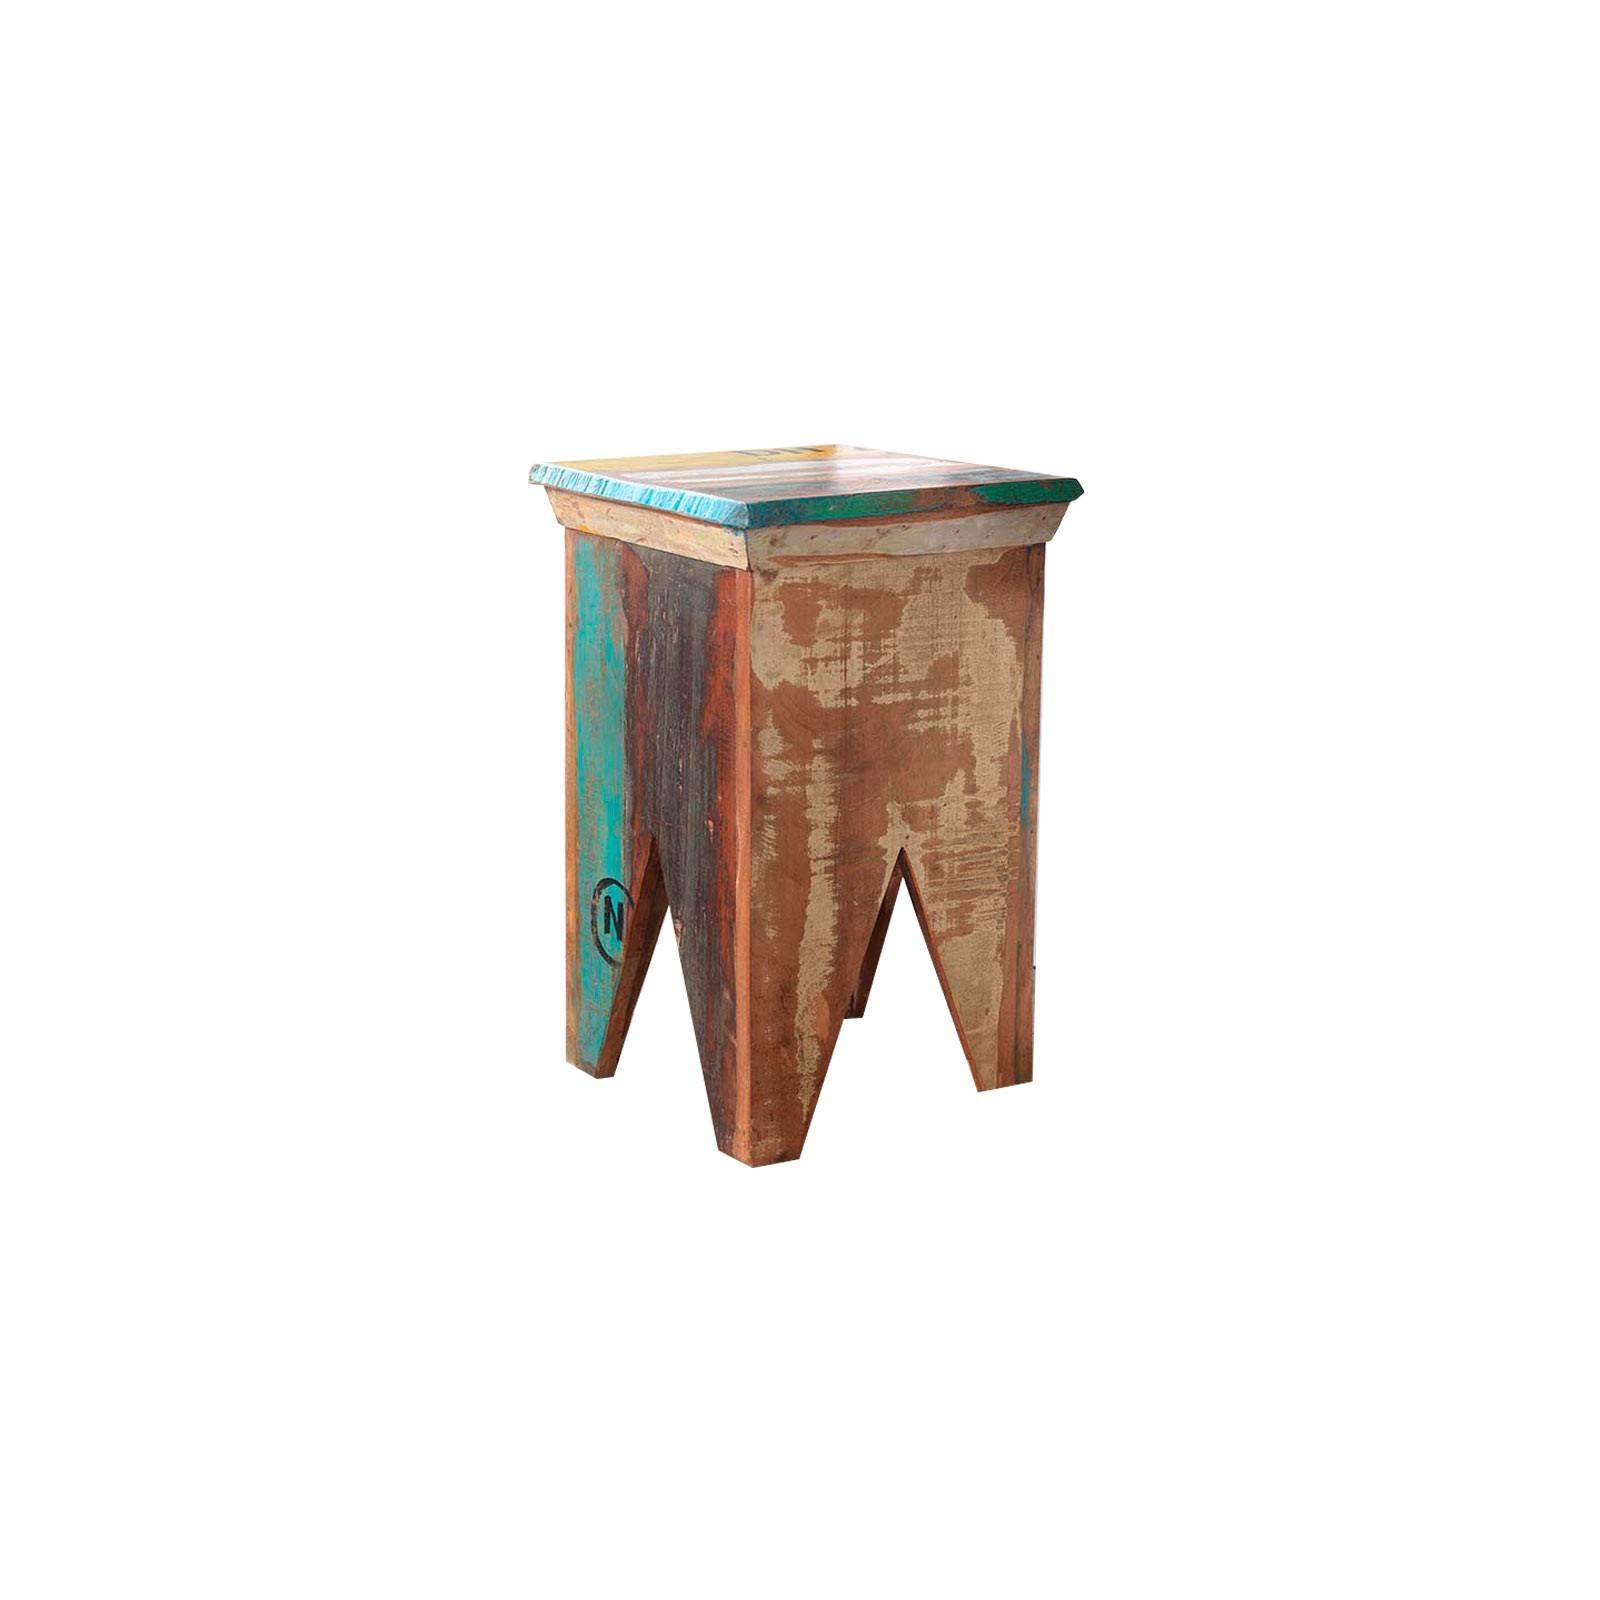 Tabouret Teck Origine. Achat de meuble en bois massif.